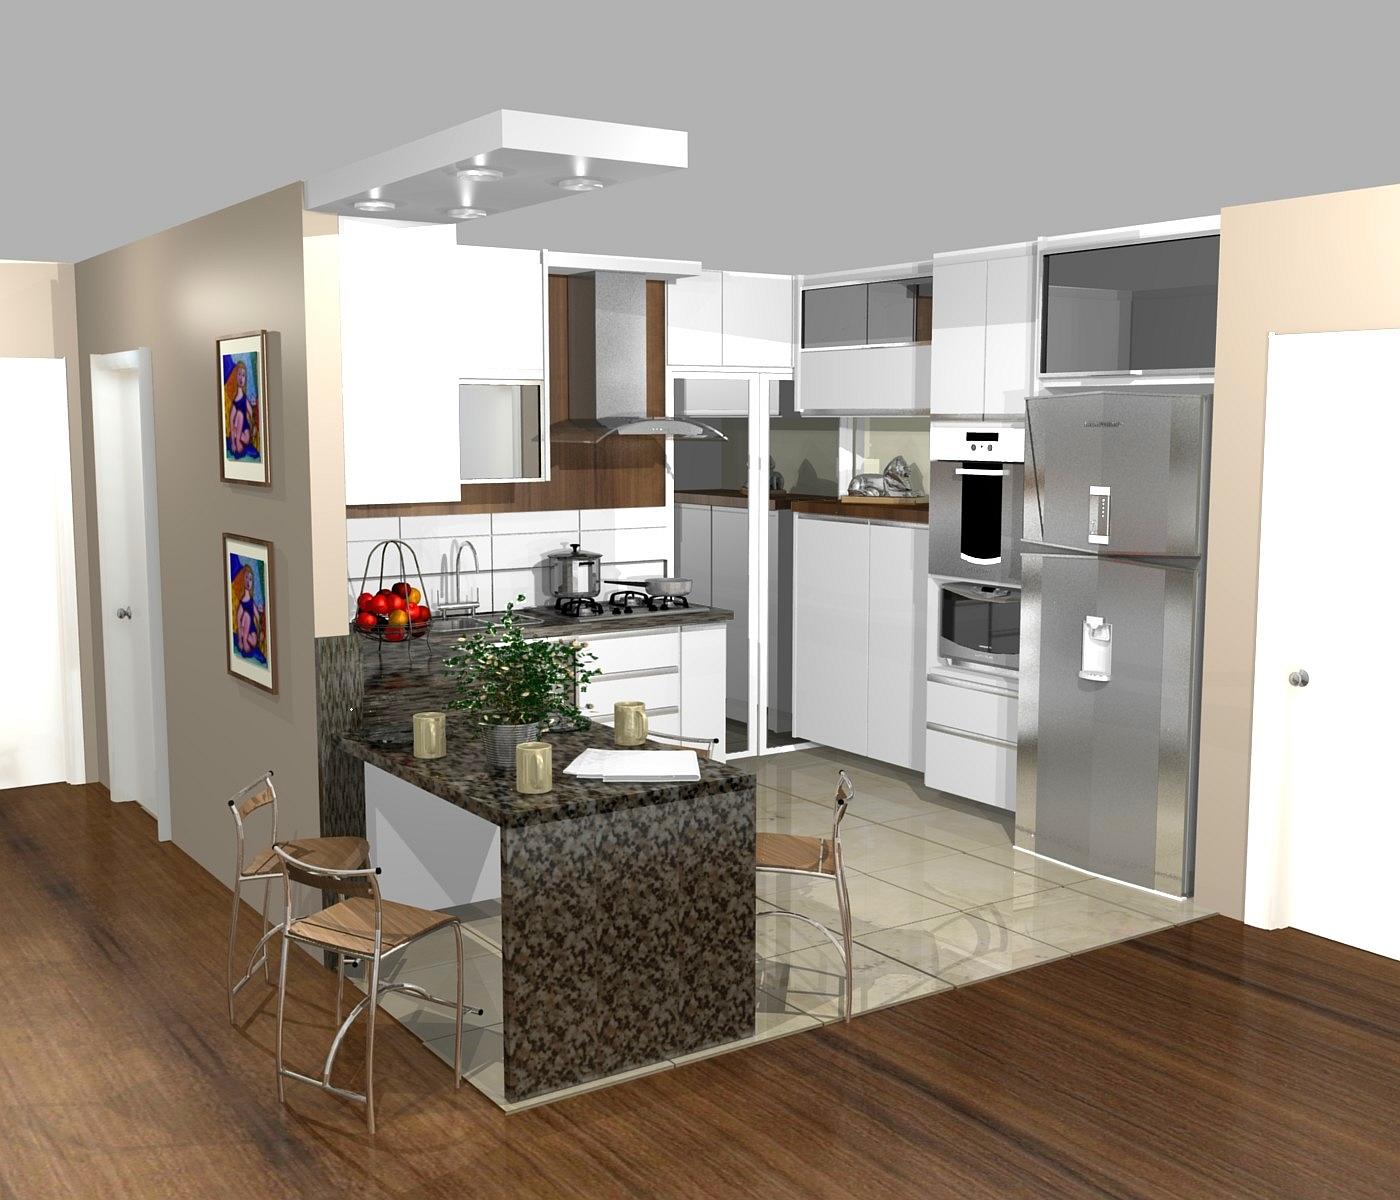 Cozinha Muito Pequena Planejada Mesa Pequena Para Cozinha Ricardo